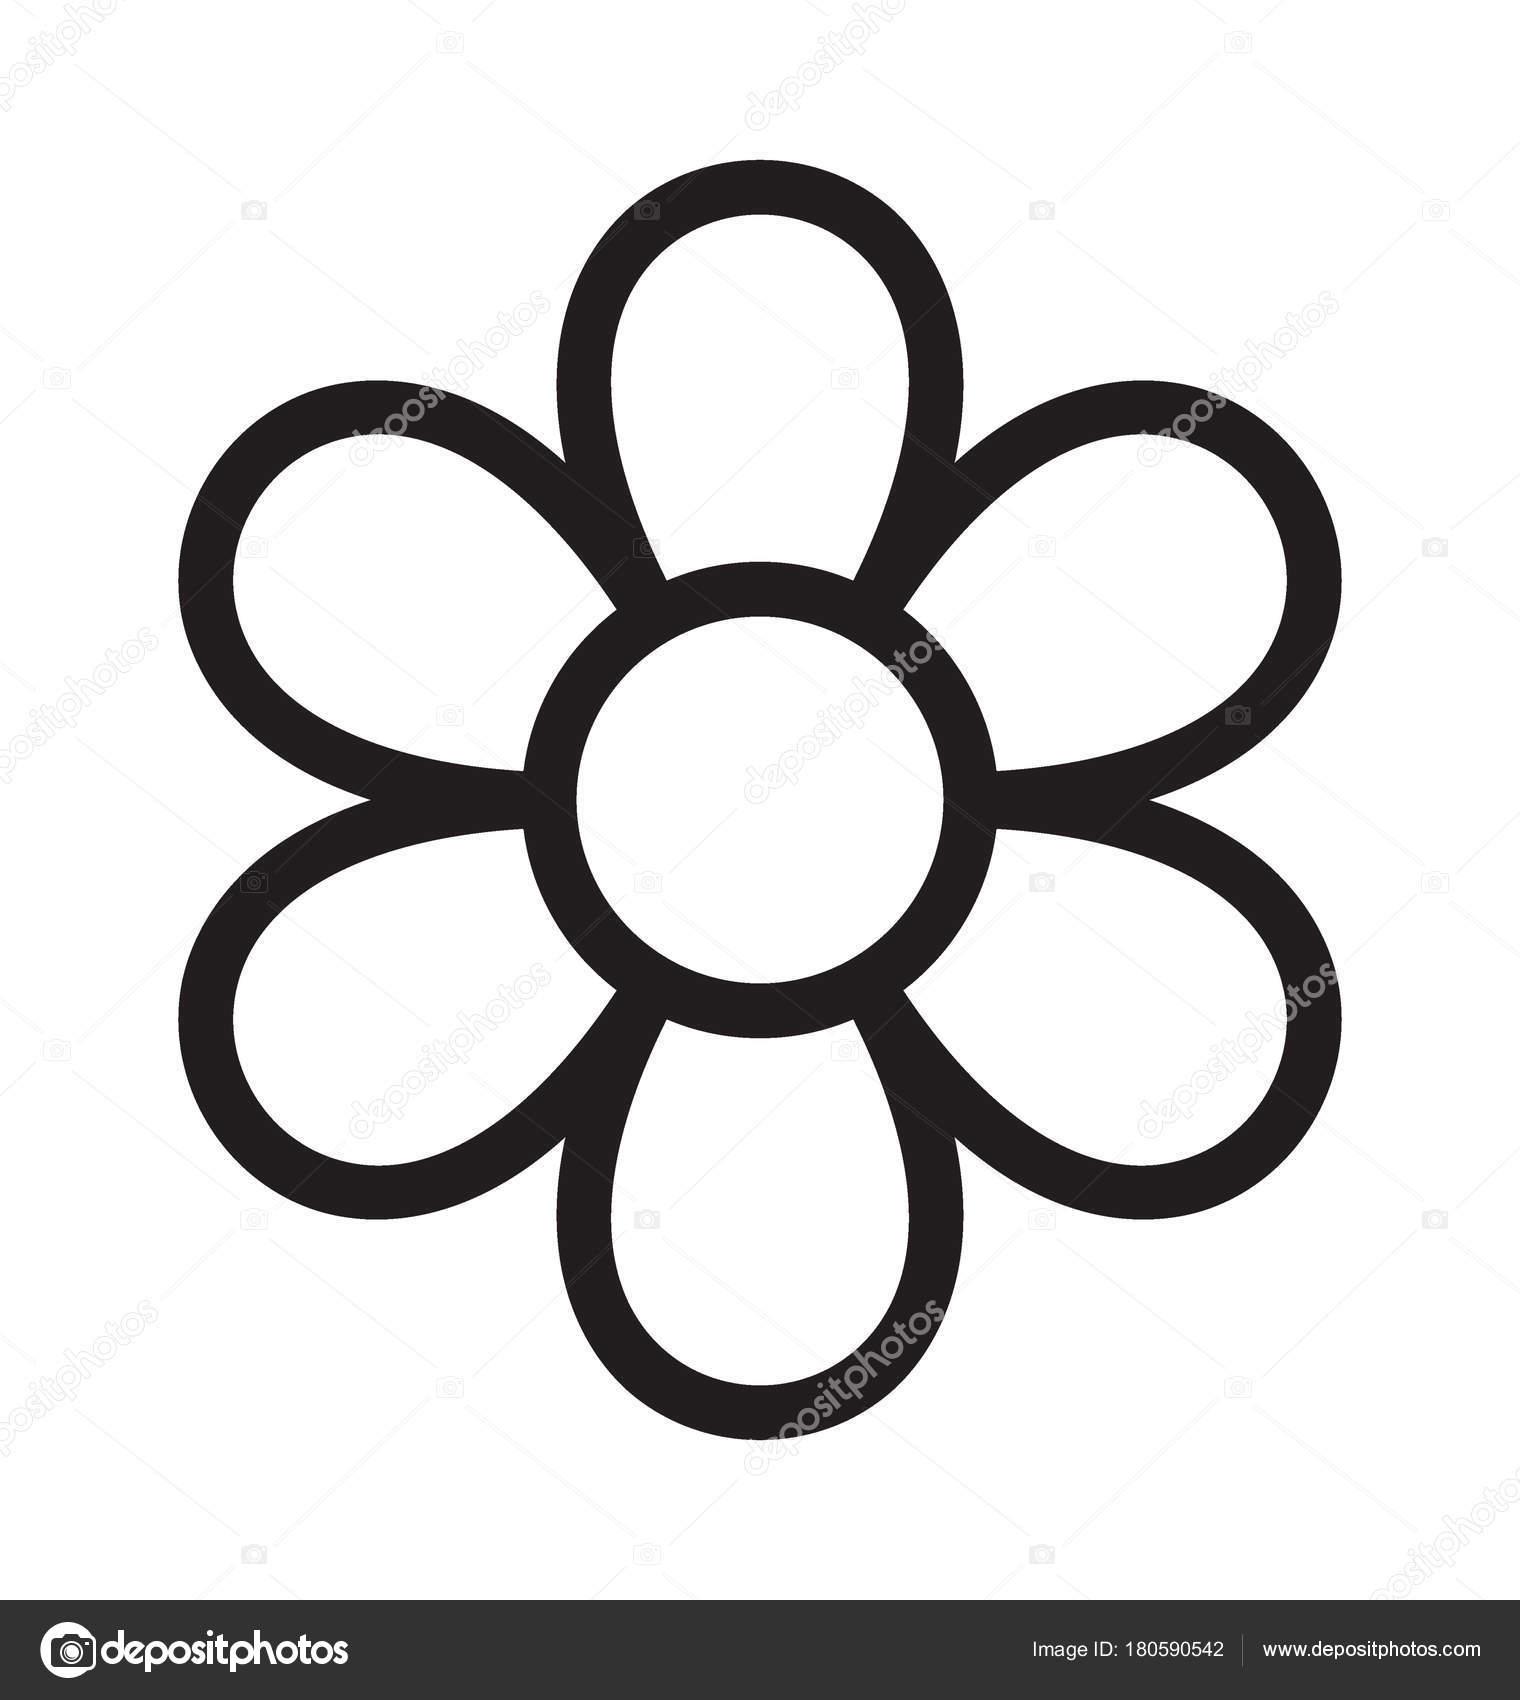 Flower Vector Outline Icon \u2014 Stock Vector © vectorsmarket